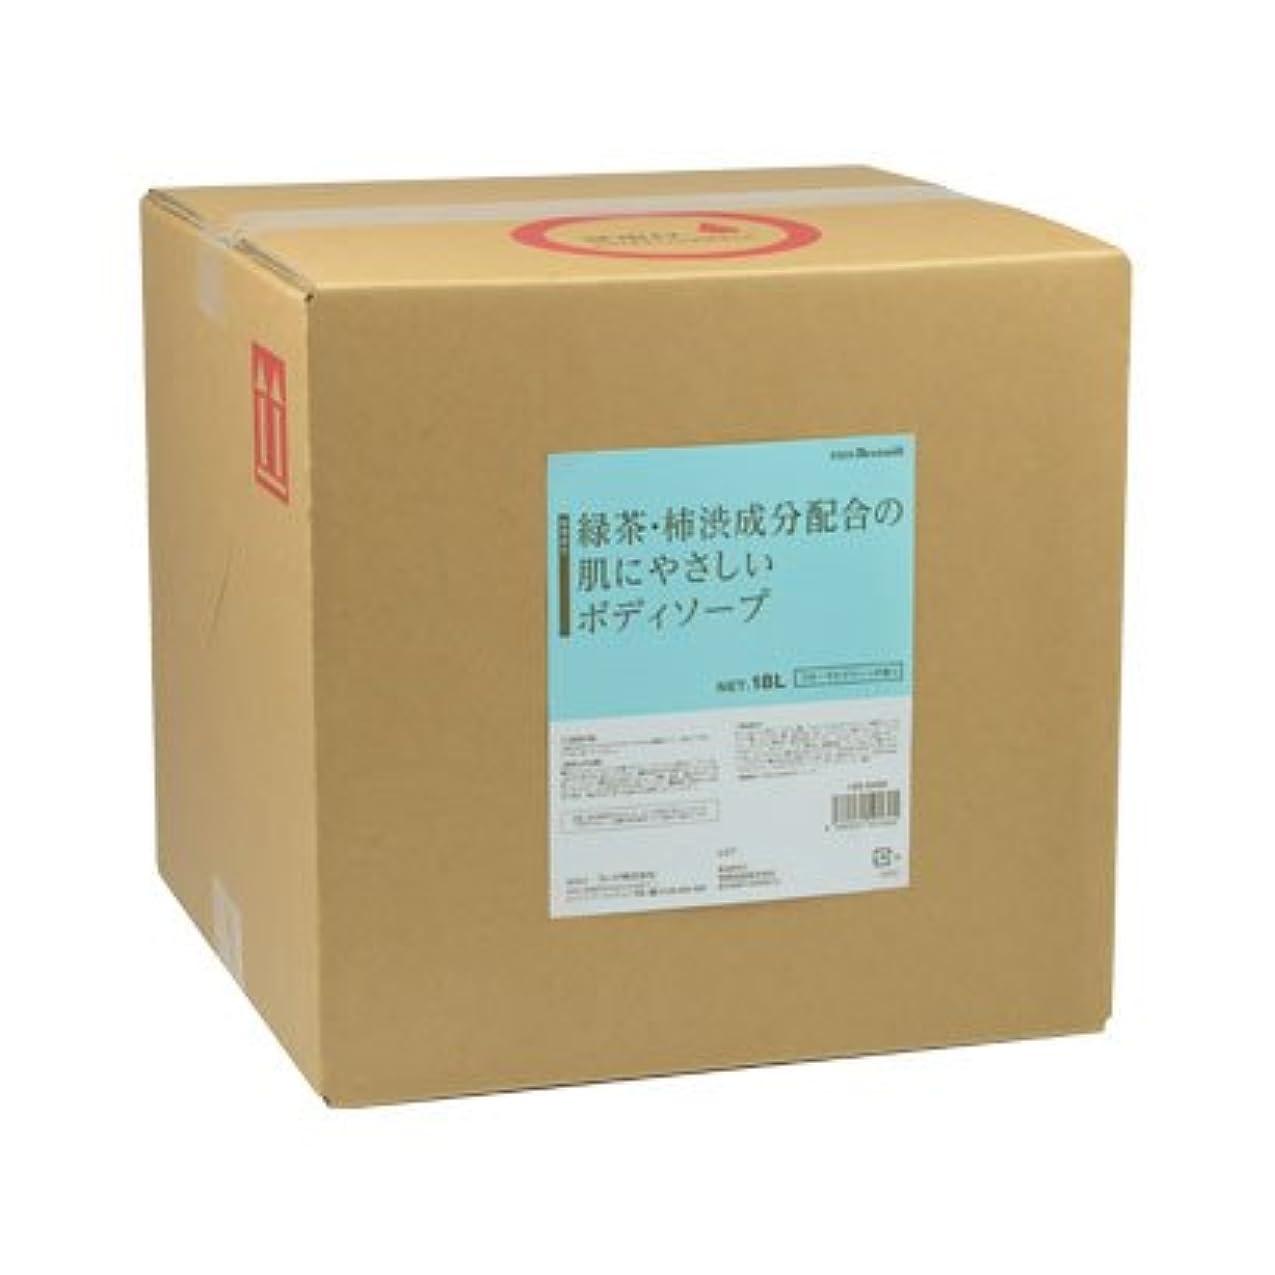 出撃者配置サイクル【業務用】 FEED(フィード) 緑茶?柿渋成分配合の肌にやさしいボディソープ/18L 石けん 入数 1ケース